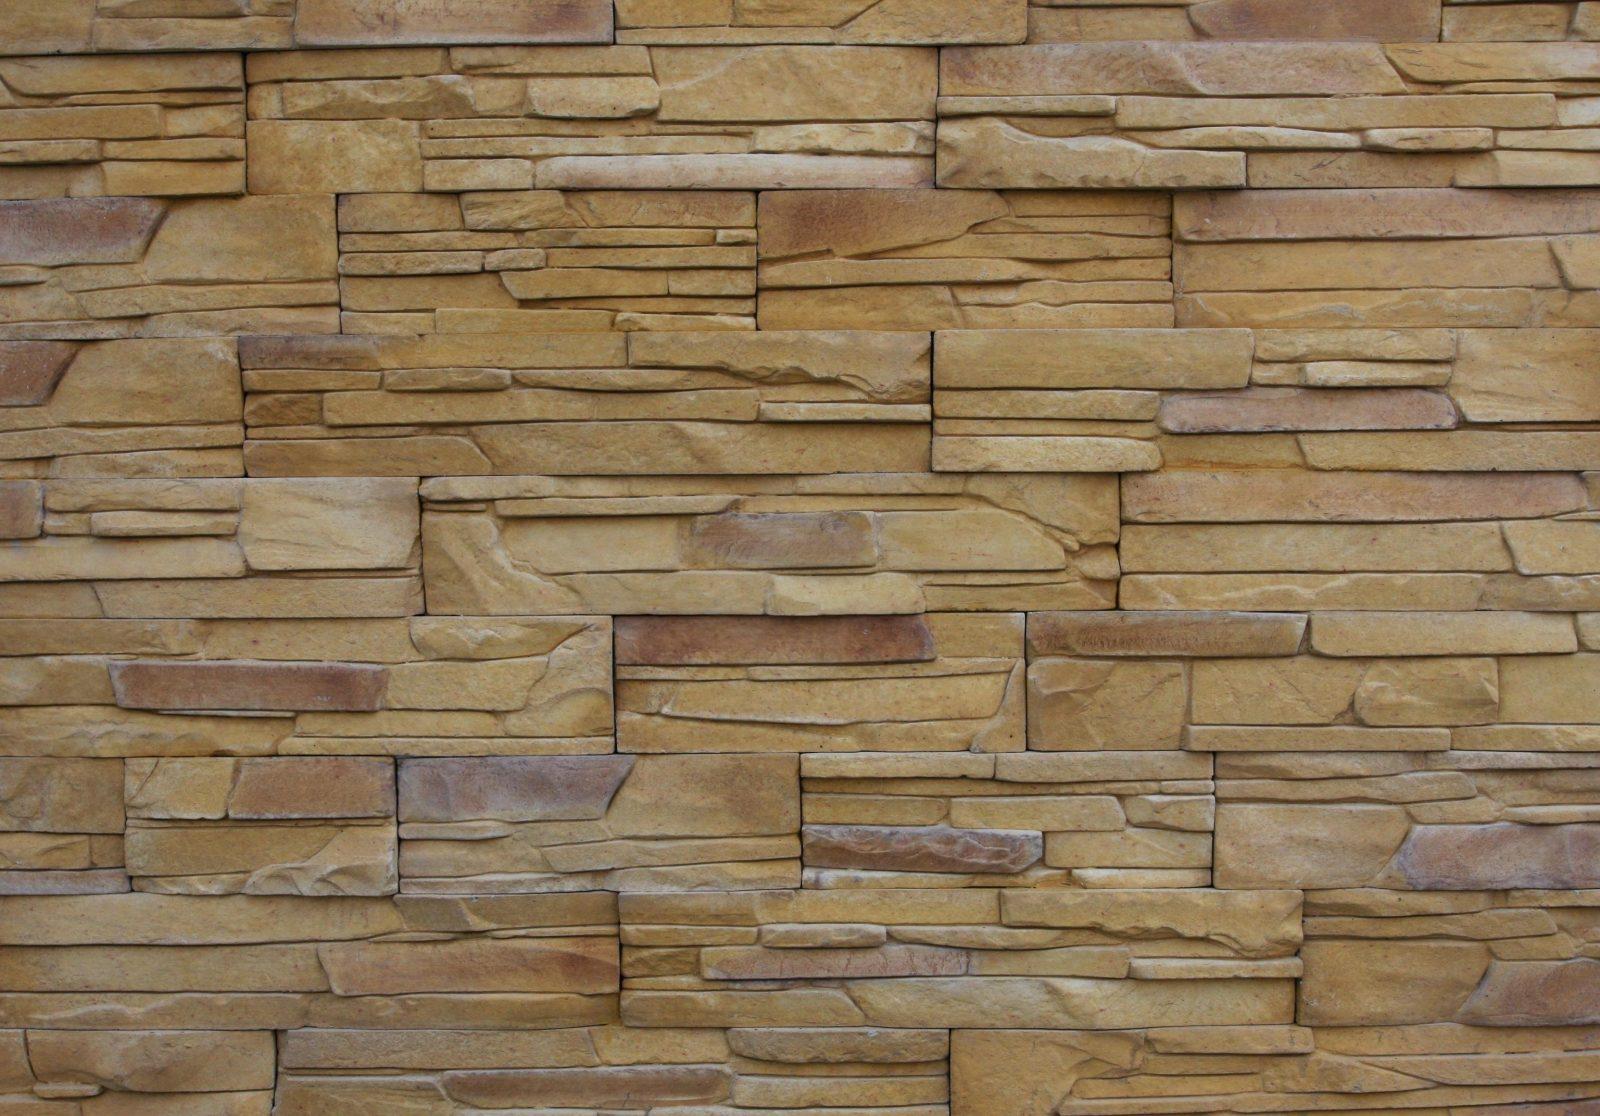 Steinwand Wandverkleidung Steinoptik Styropor Beste Von Deko von Wandverkleidung Stein Selber Machen Photo